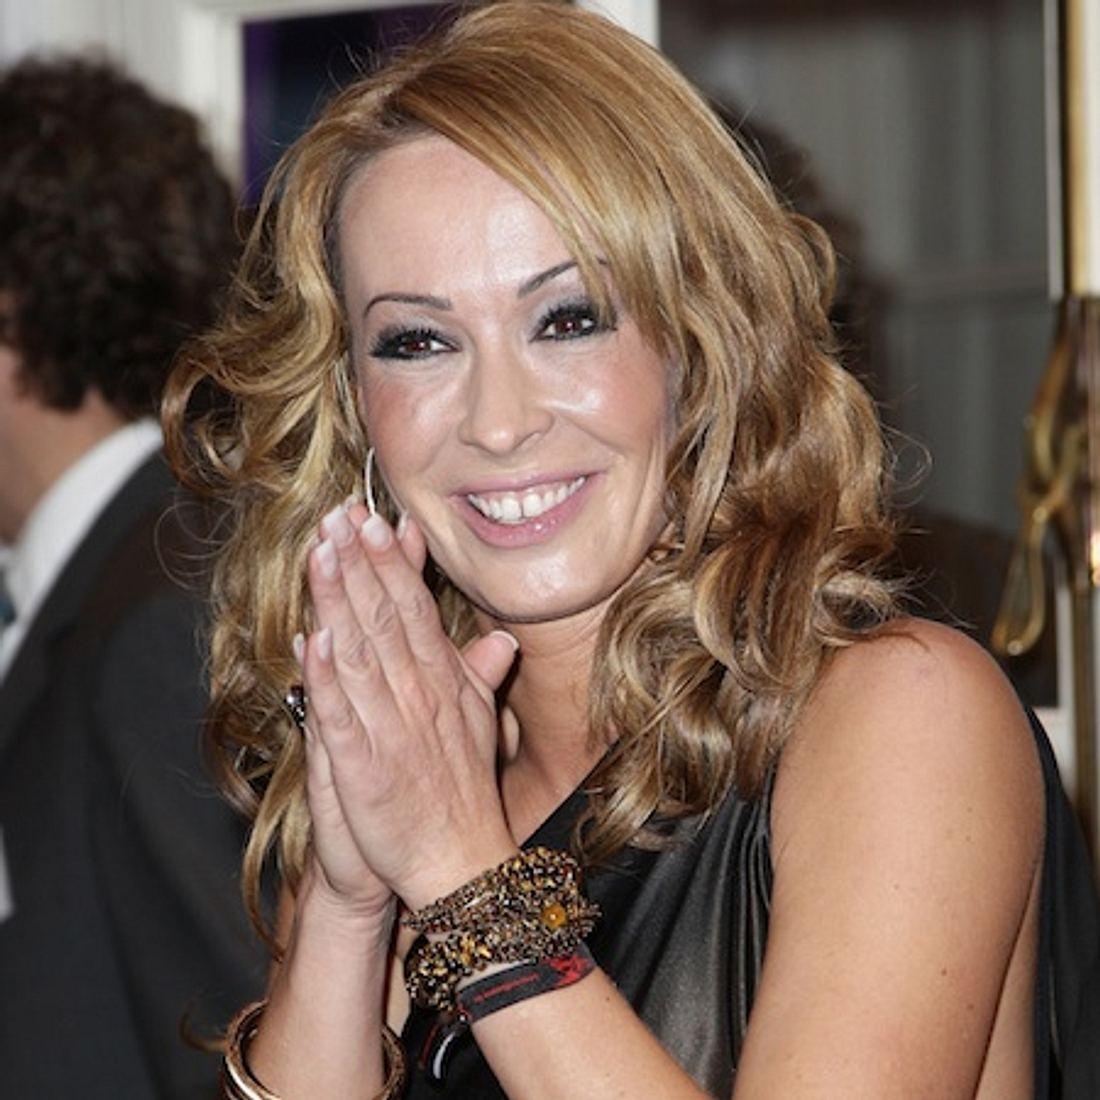 Cora Schumacher hat sich für den Playboy ablichten lassen